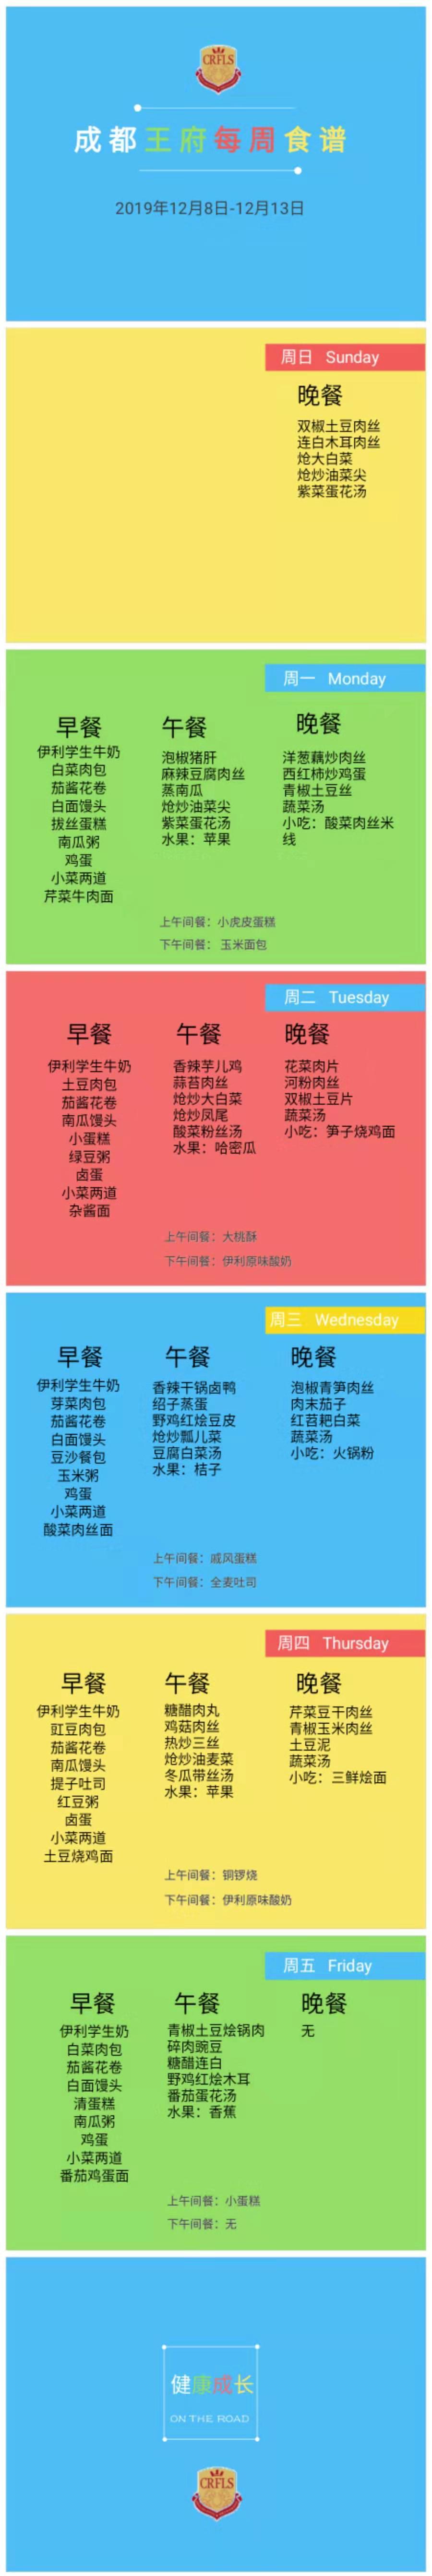 2019-2020学年上学期第13周食谱2019.12.8-12.13